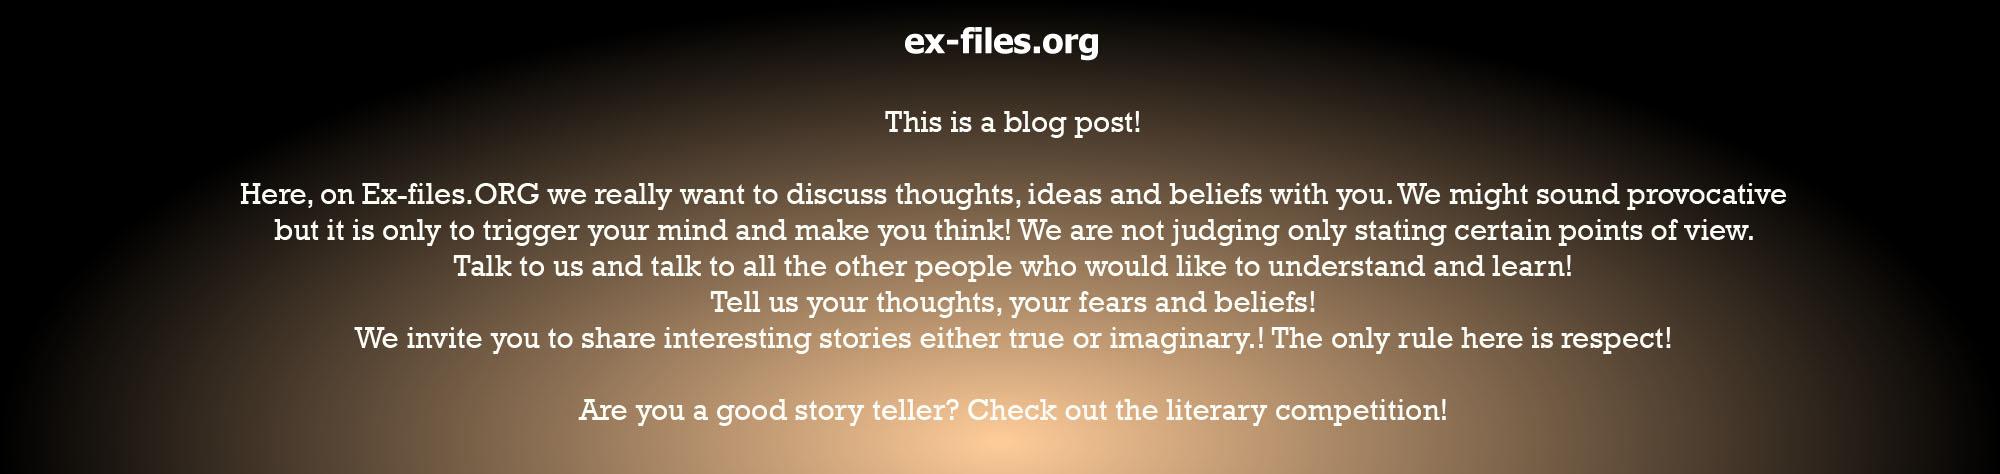 ex-files.org